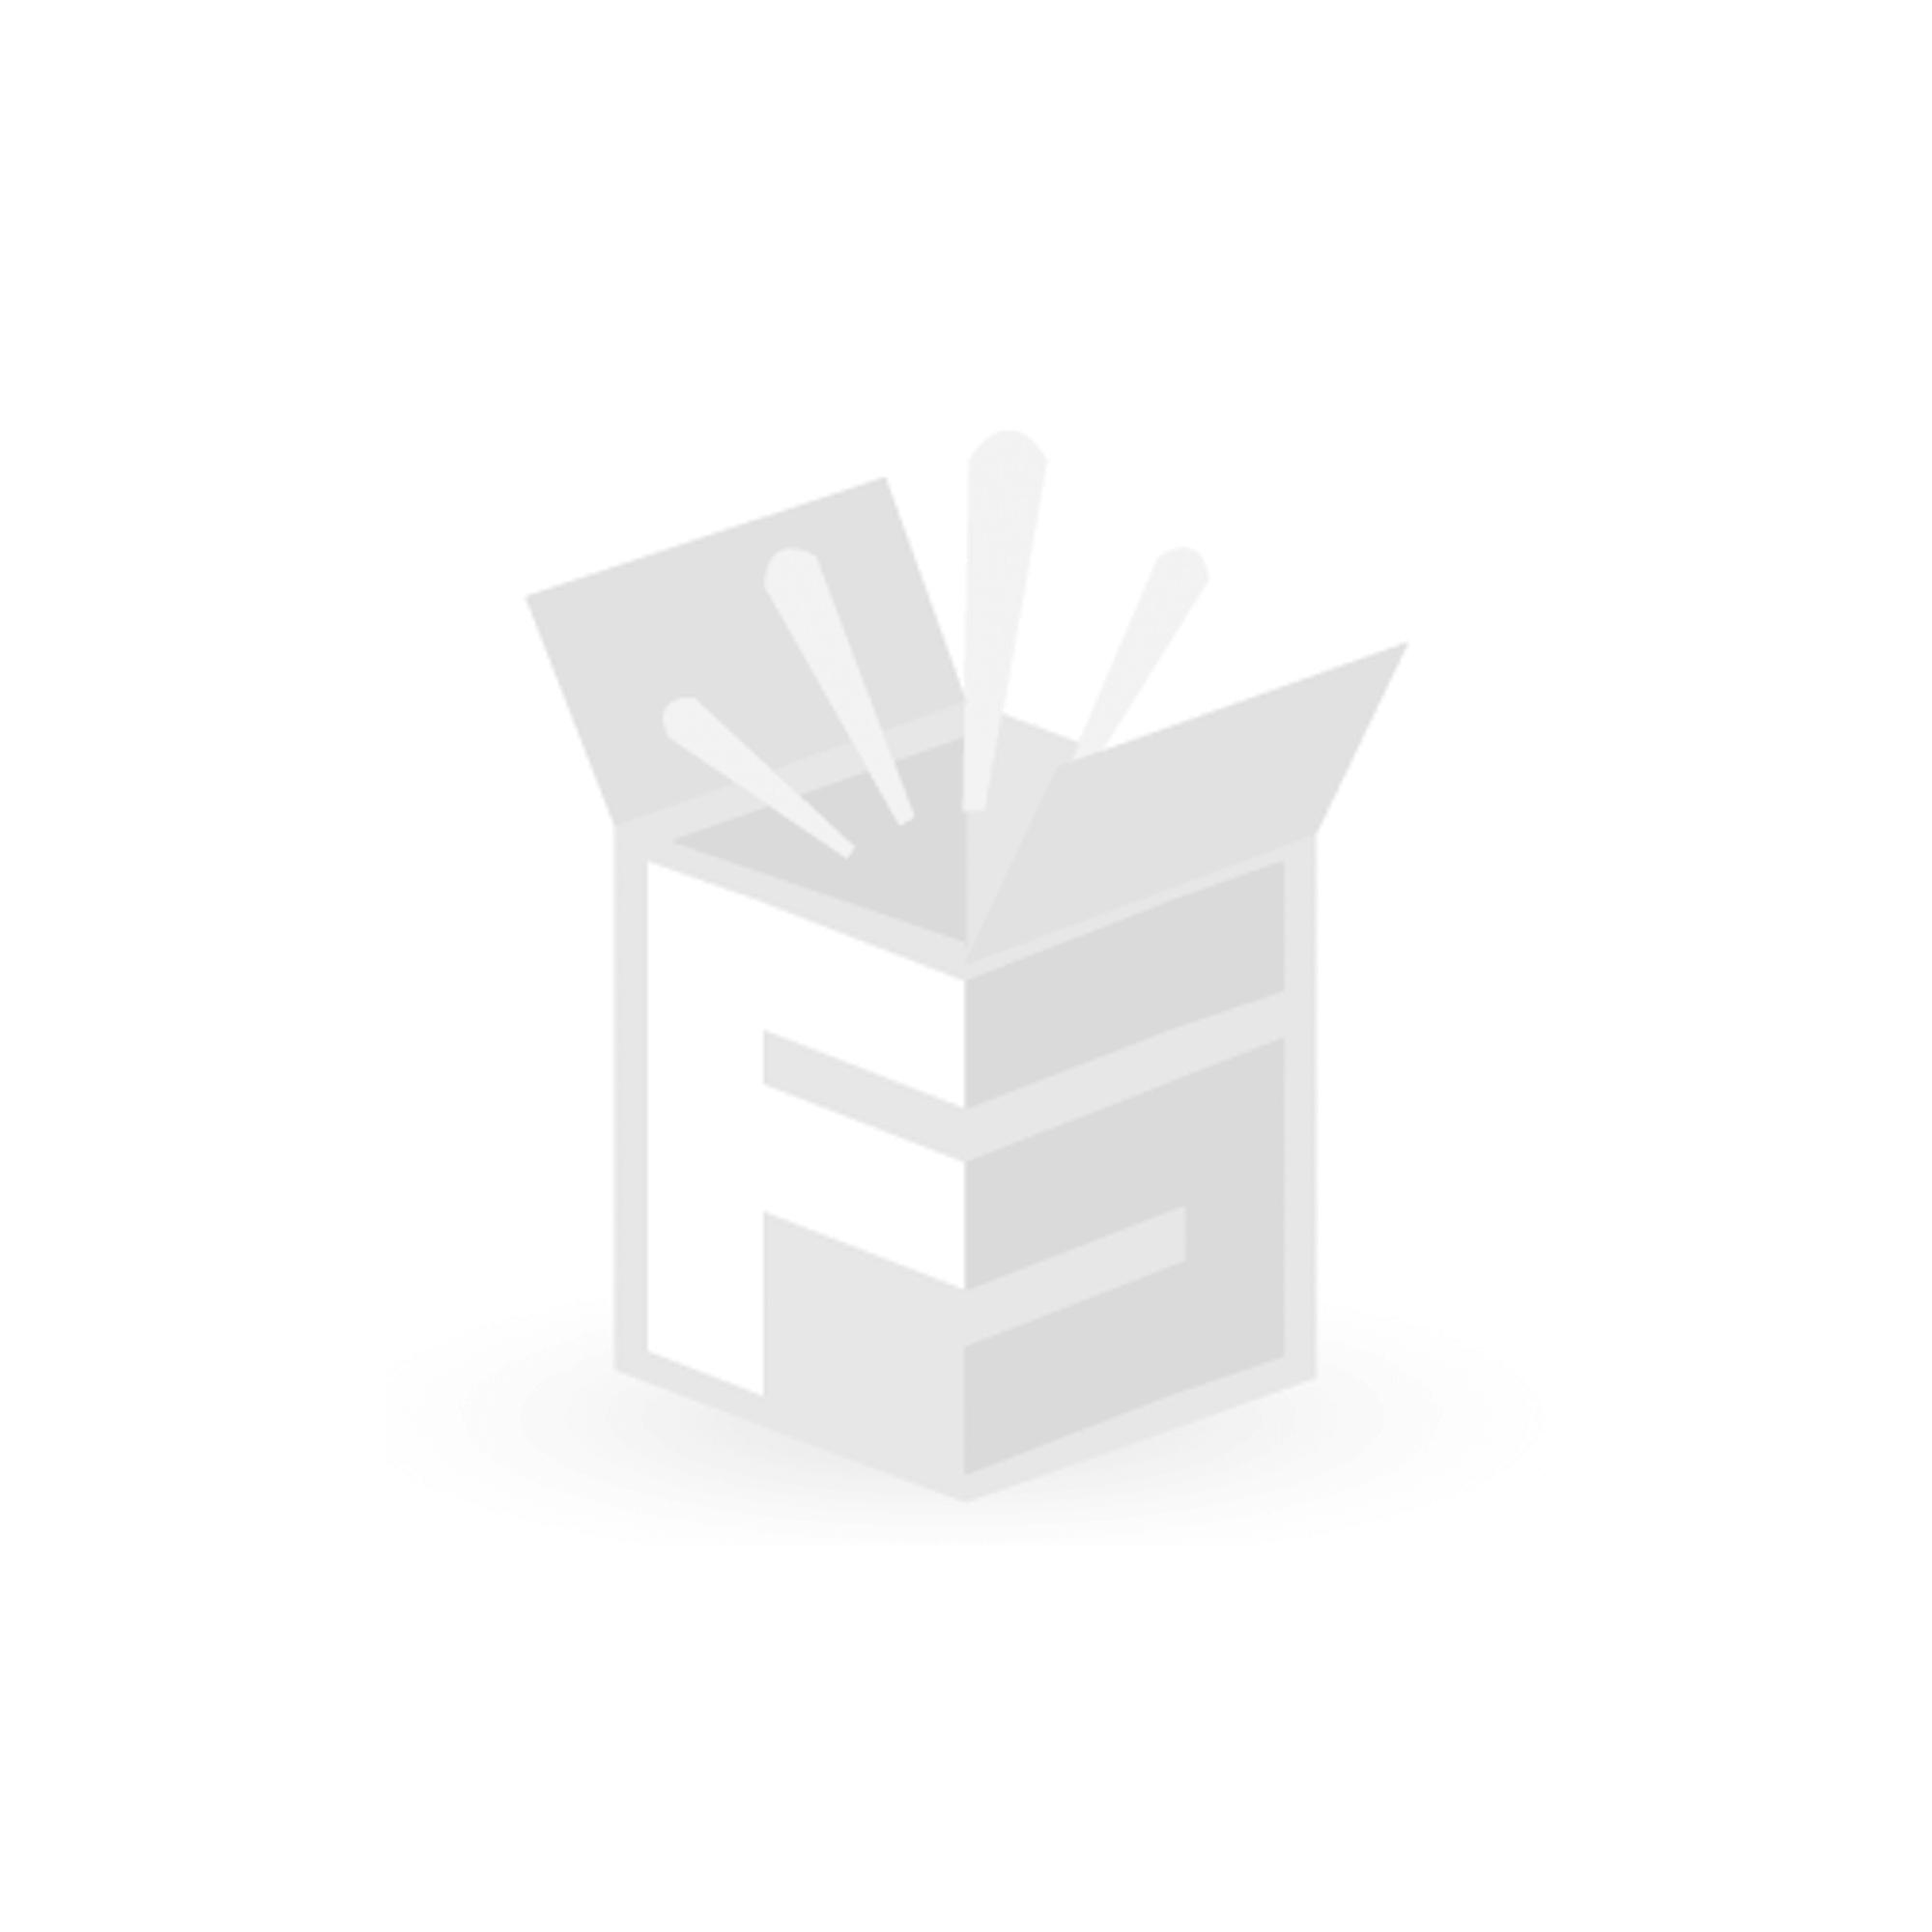 BRAUN Epilateur Silk-épil 9 Flex SES 9002 3D, blanc-or